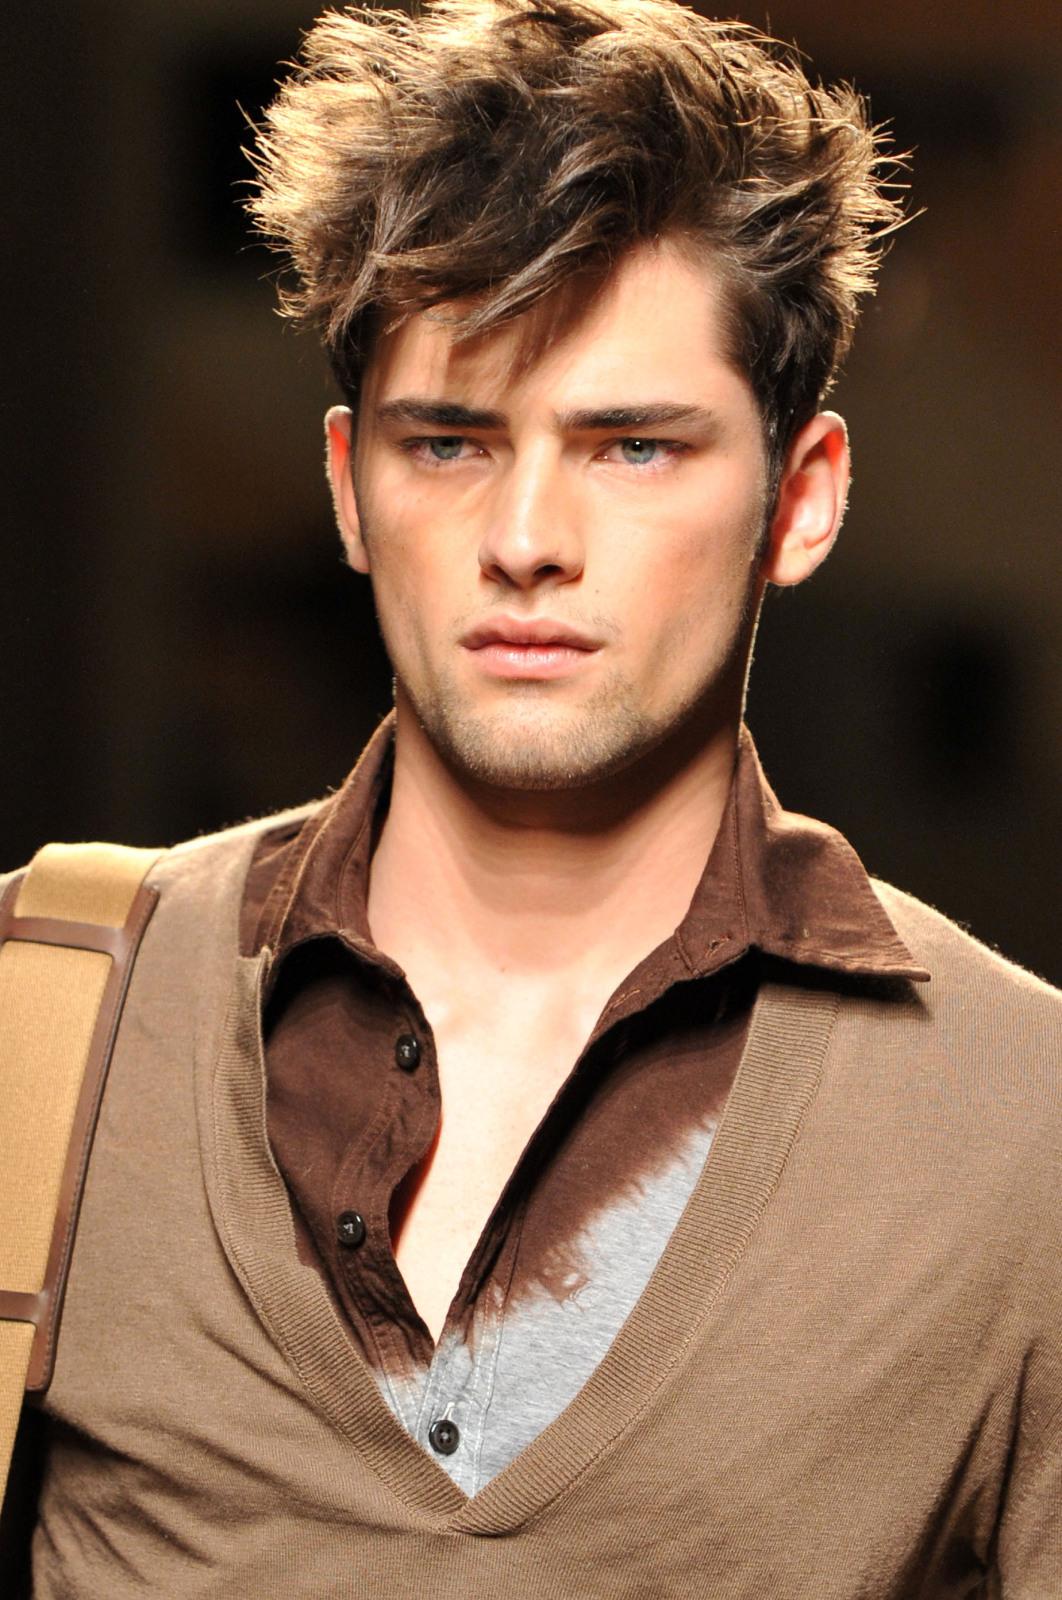 Sean-OPry-Model.jpg